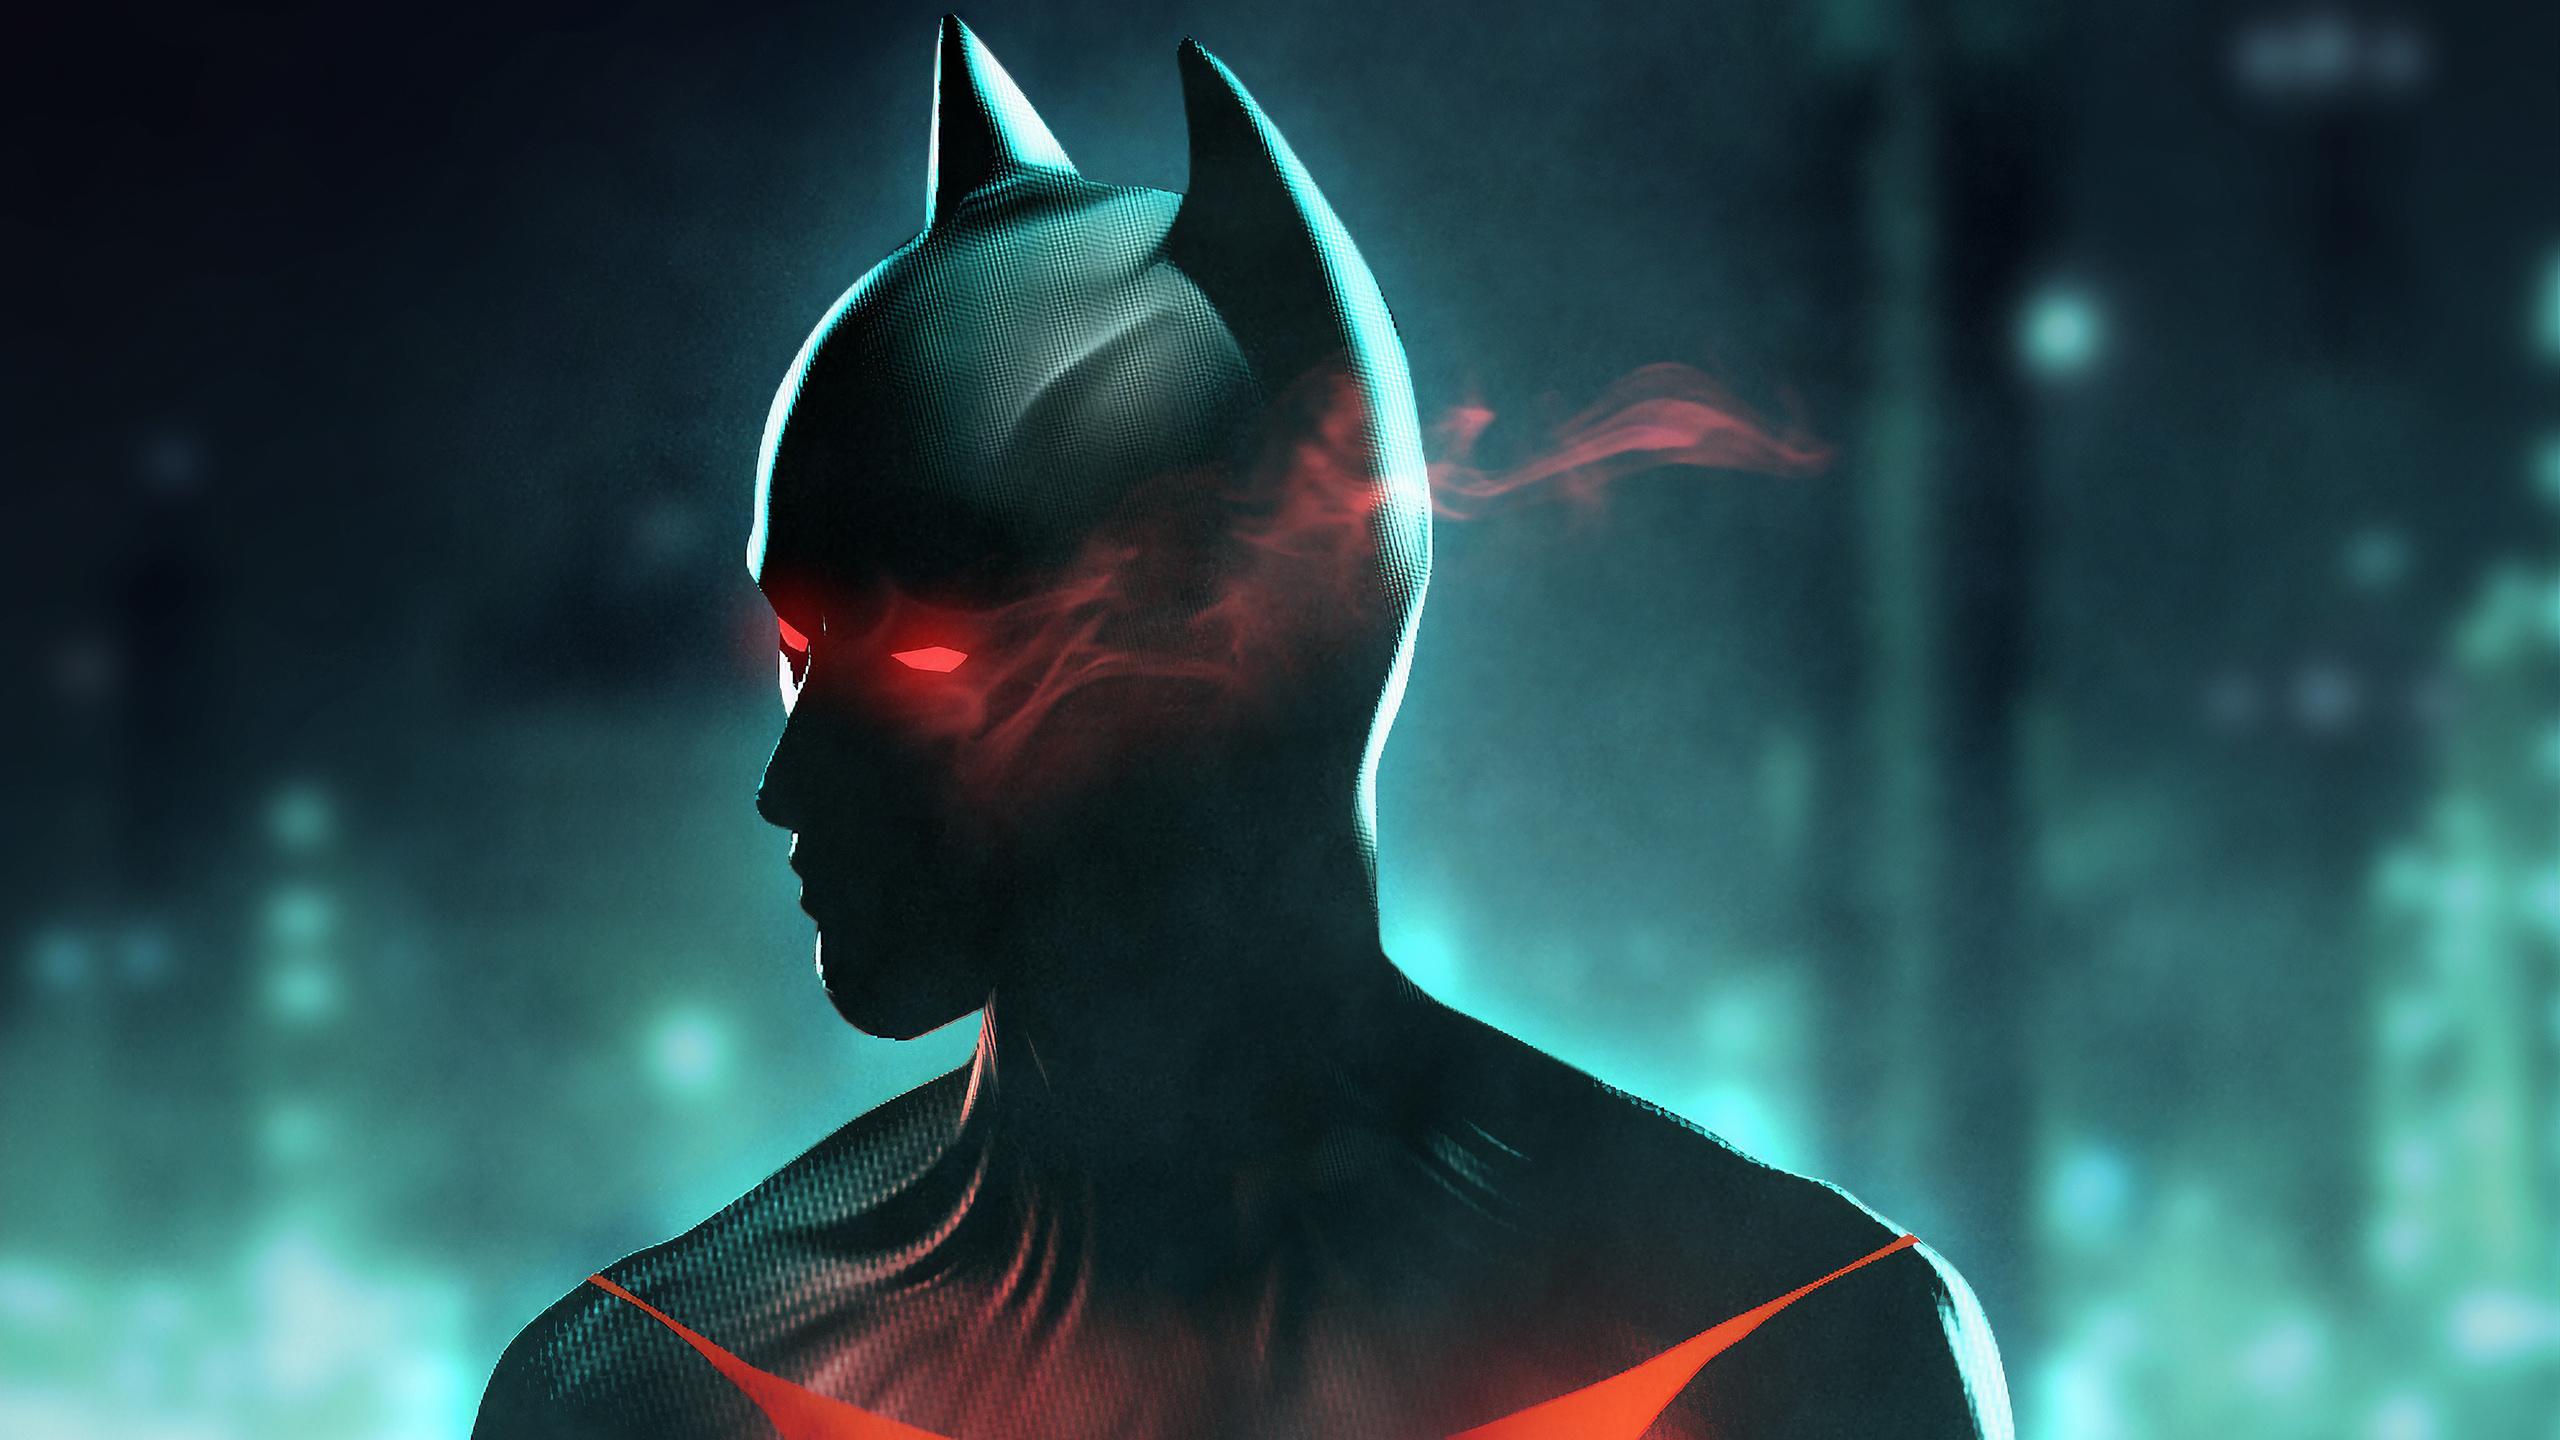 Glowing Eyes Batman Hd Superheroes 4k Wallpapers Images